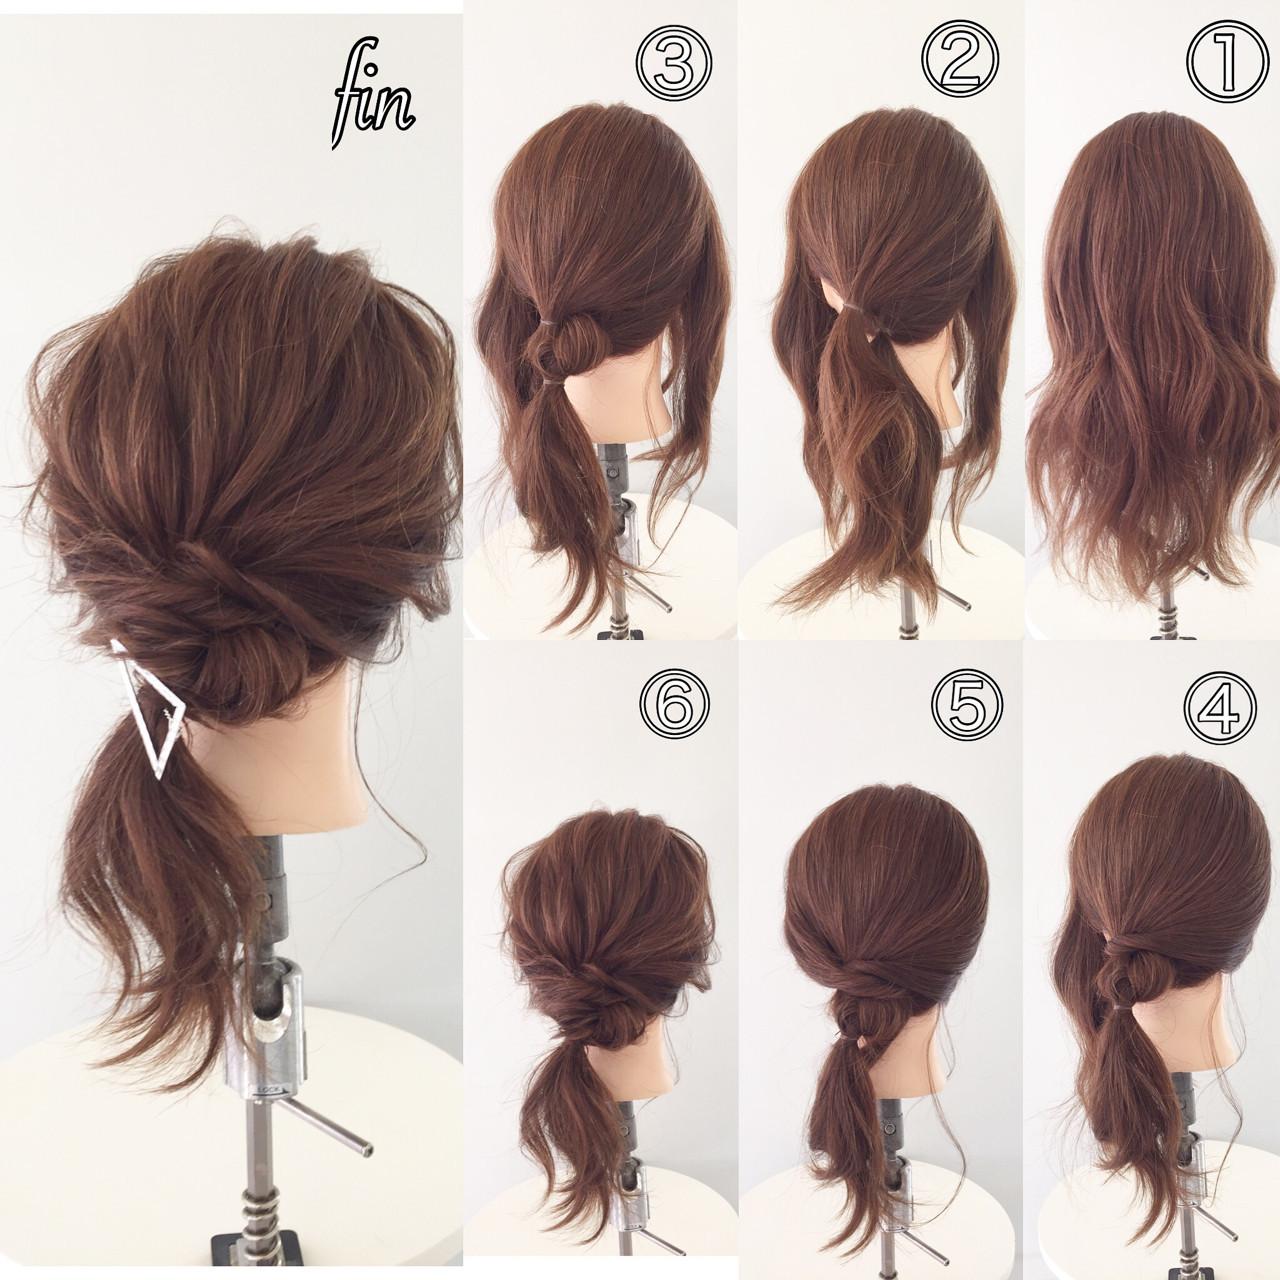 セミロング 簡単ヘアアレンジ ヘアアクセ ショート ヘアスタイルや髪型の写真・画像